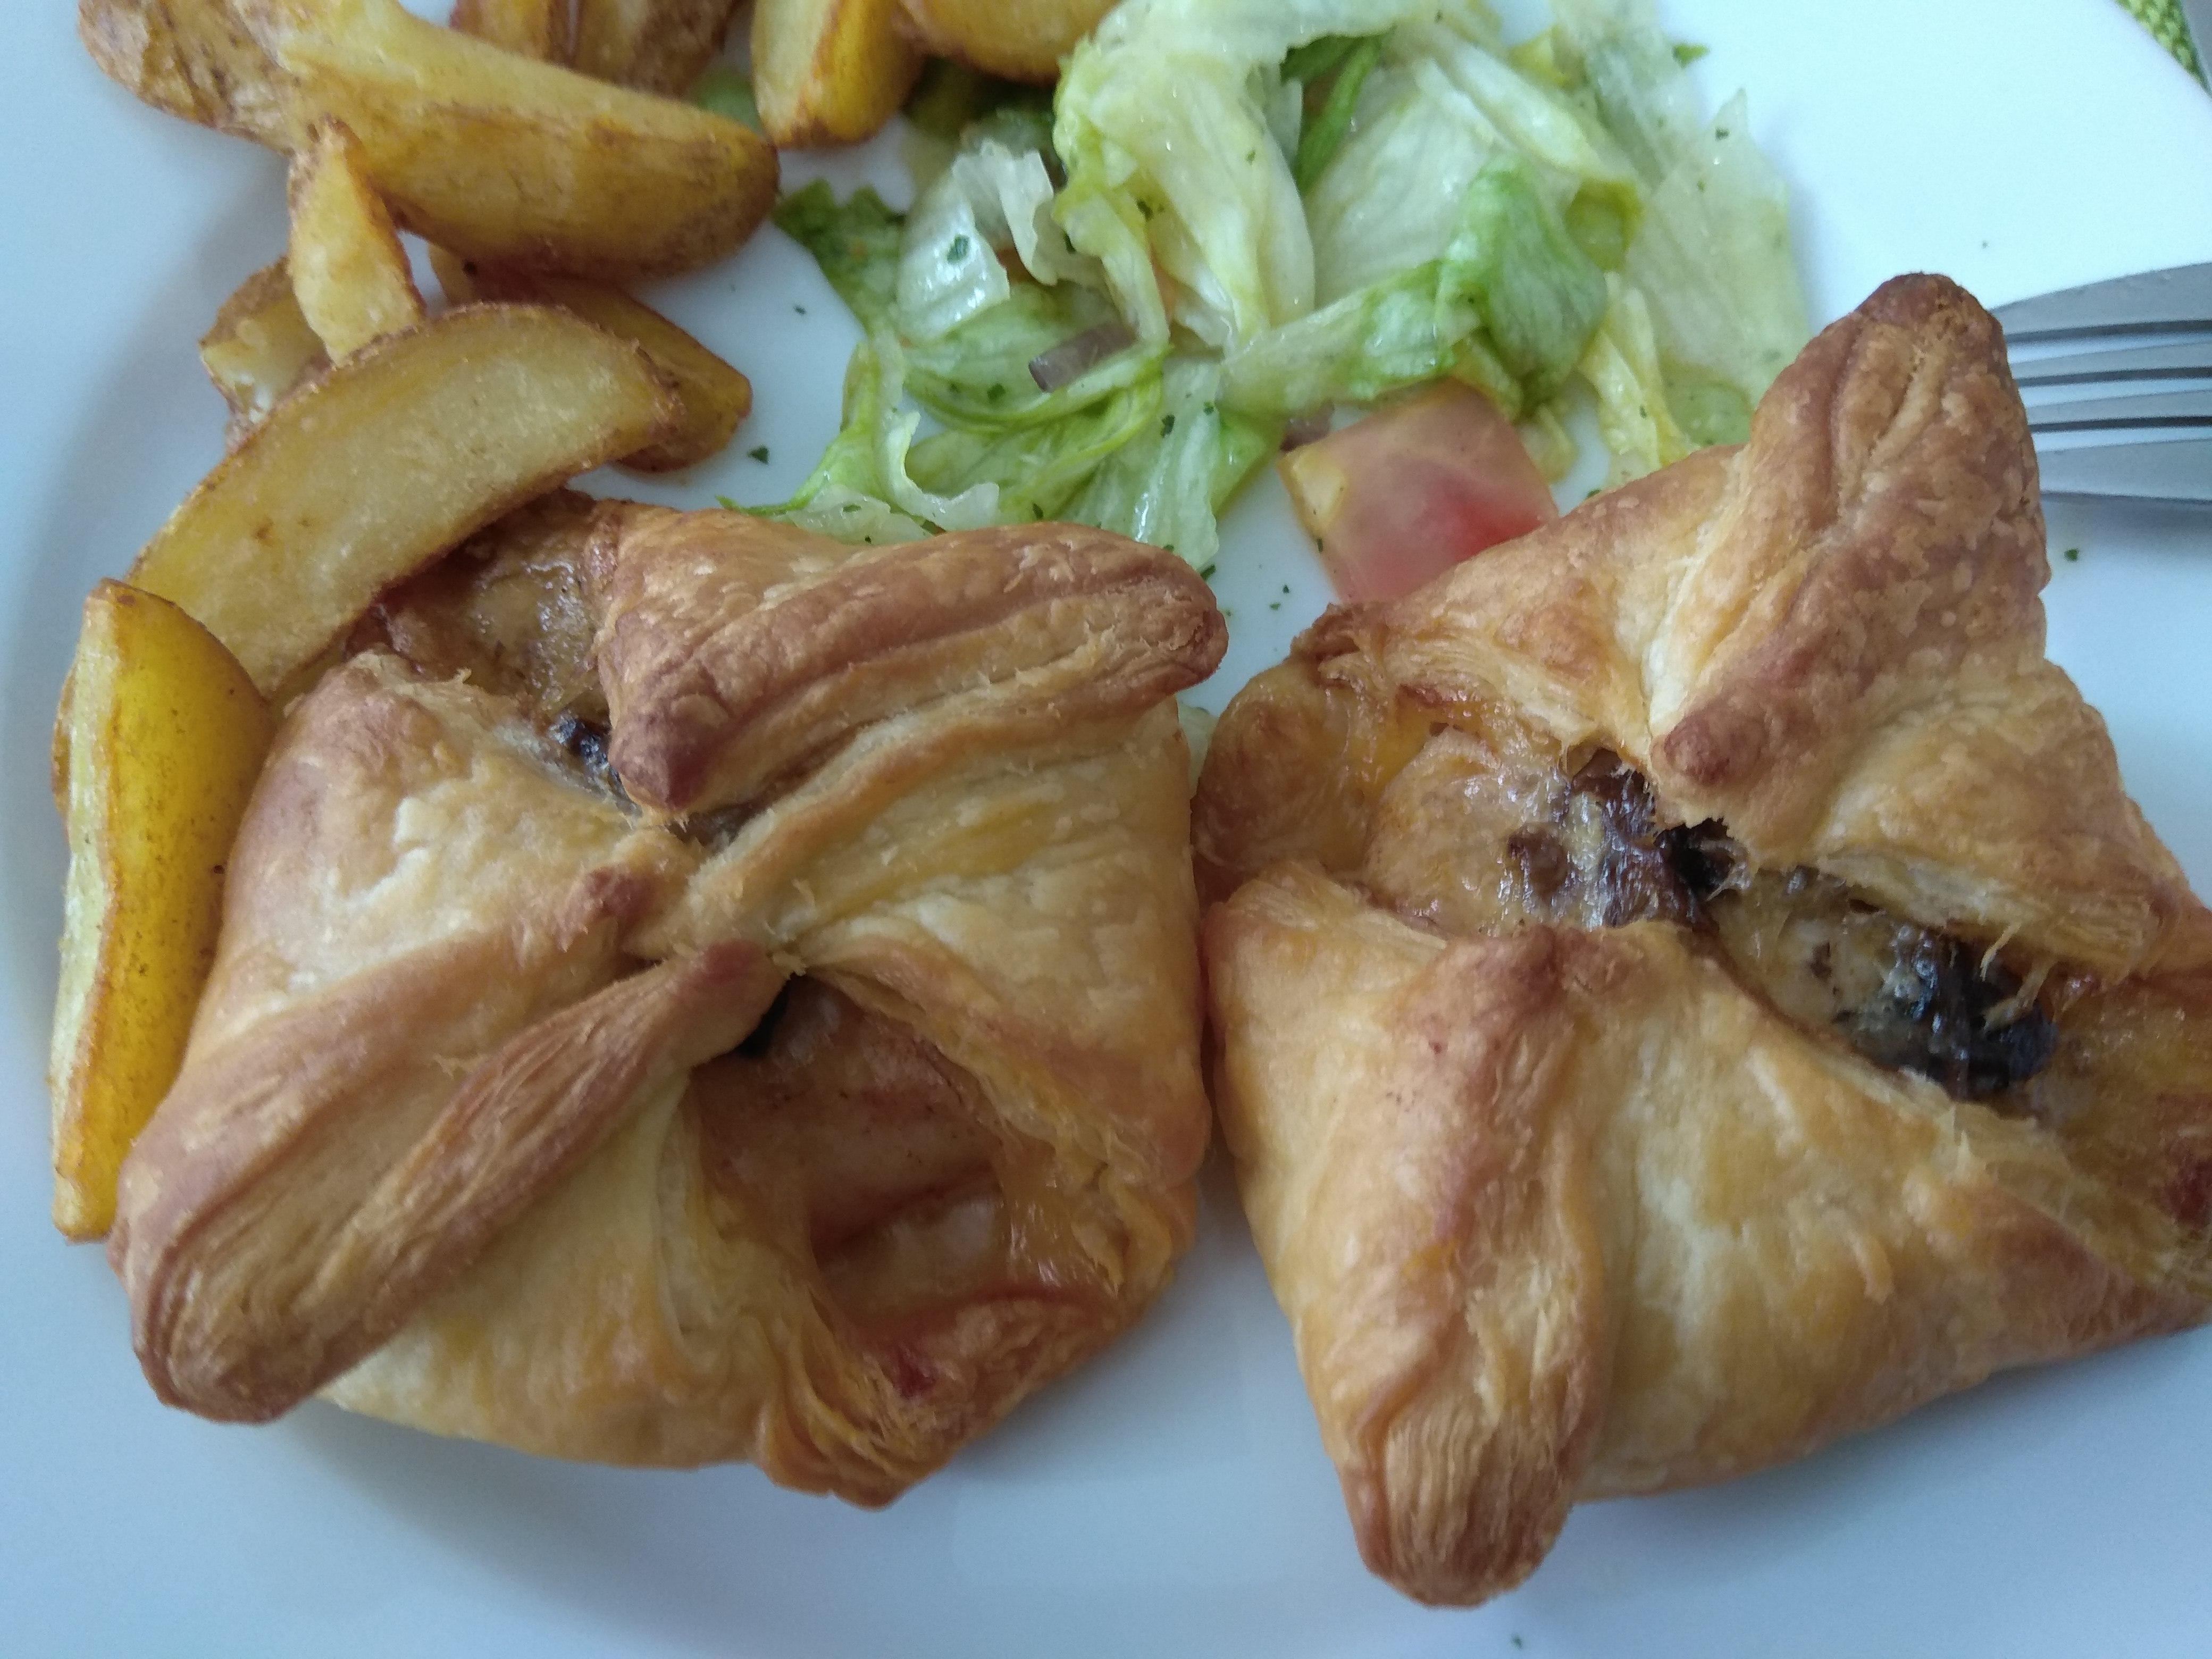 Apetycznie, estetycznie – zbliżenie na talerz z dwoma krokietami mięsnymi w  cieście francuskim i bukietem sałat.